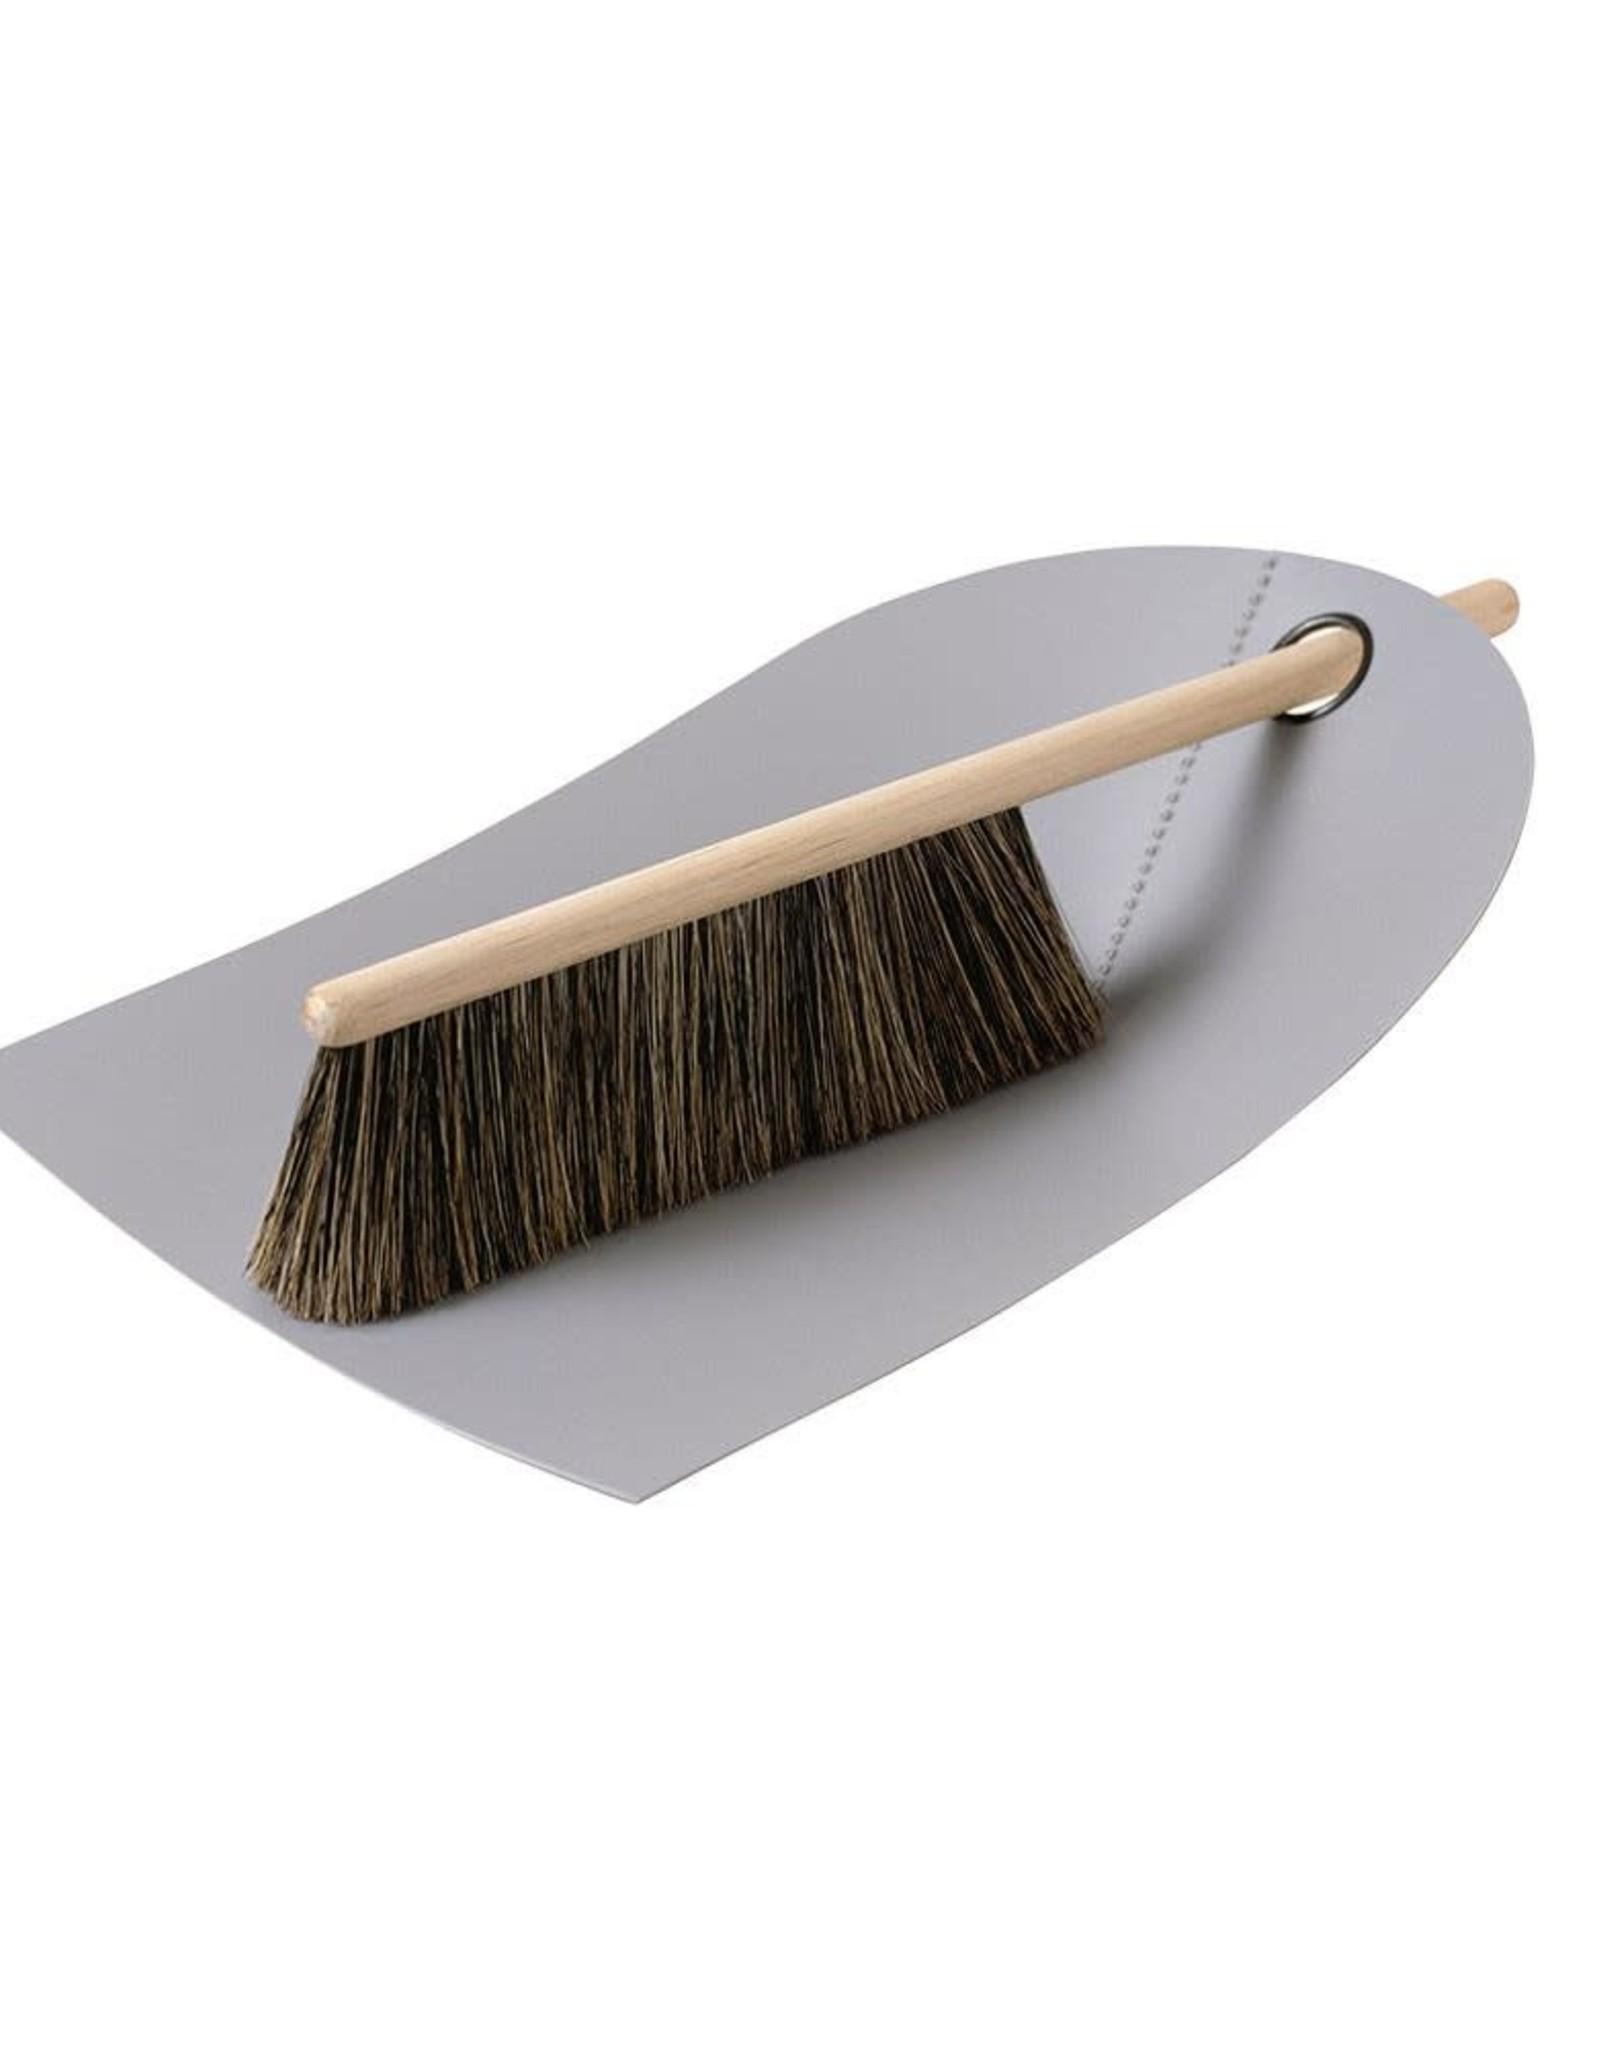 Normann Copenhagen Normann Dustpan & Broom light grey